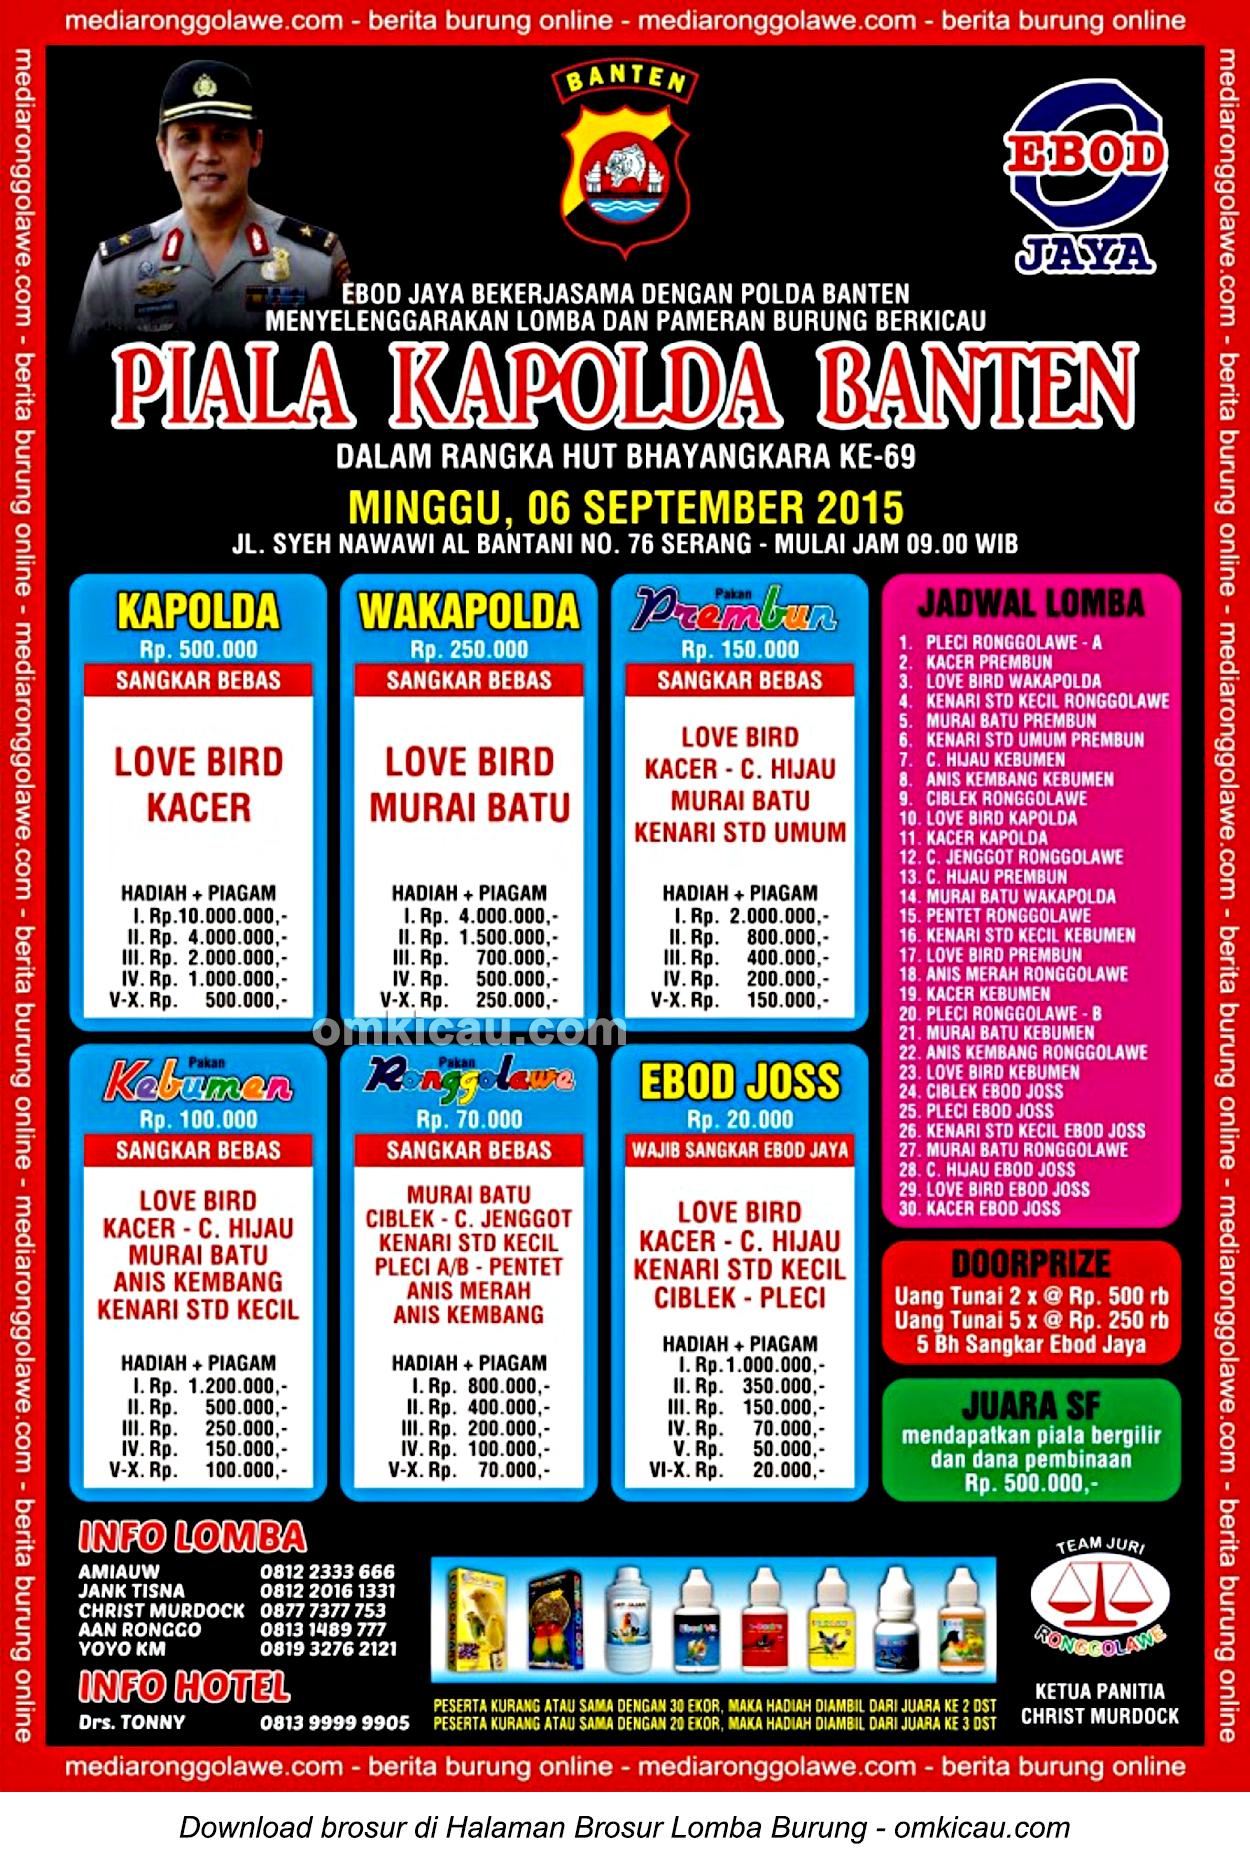 Brosur Lomba Burung Berkicau Piala Kapolda Banten, Serang, 6 September 2015